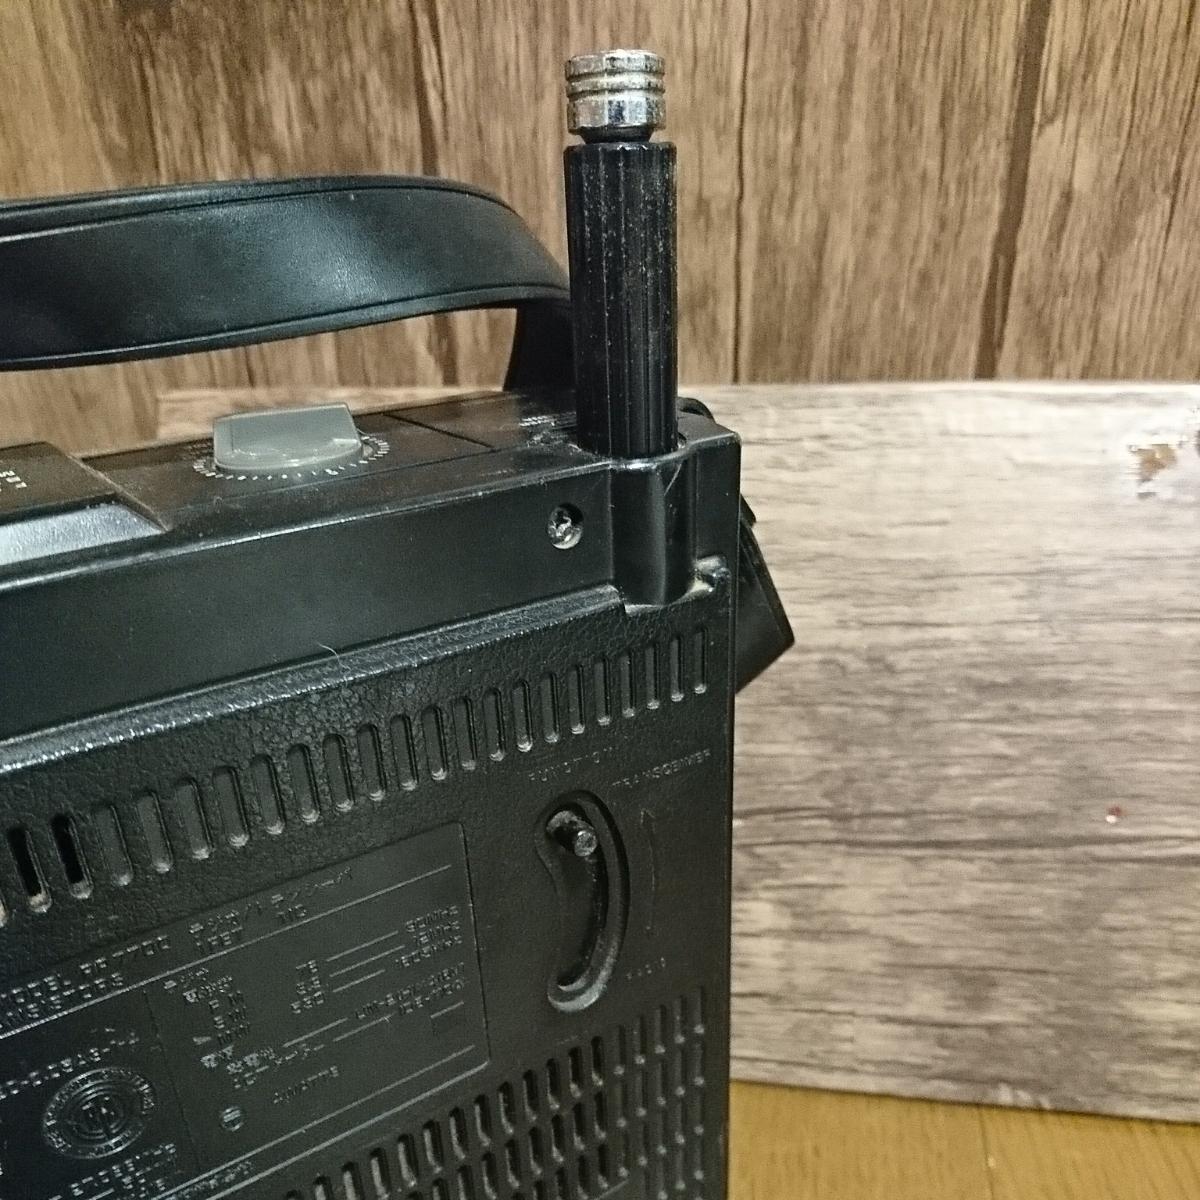 サンヨー ラジオトランシーバー RP7700 ジャンク_画像6